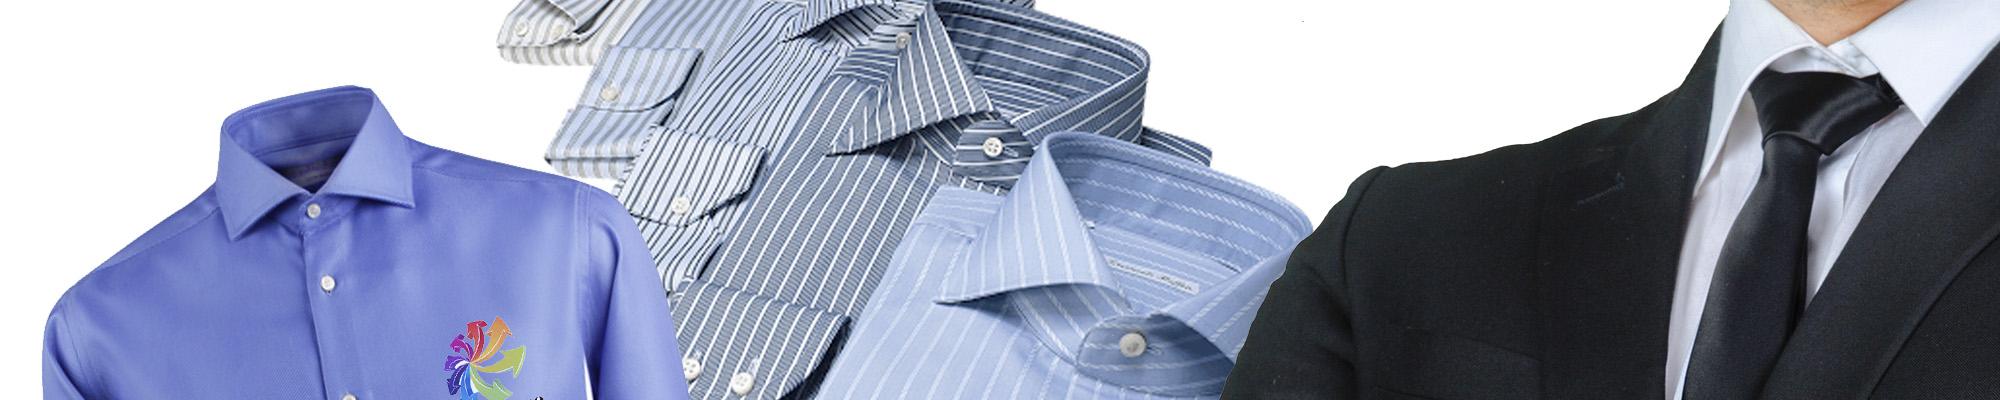 1-stampa camicia logo personalizzate valsesia